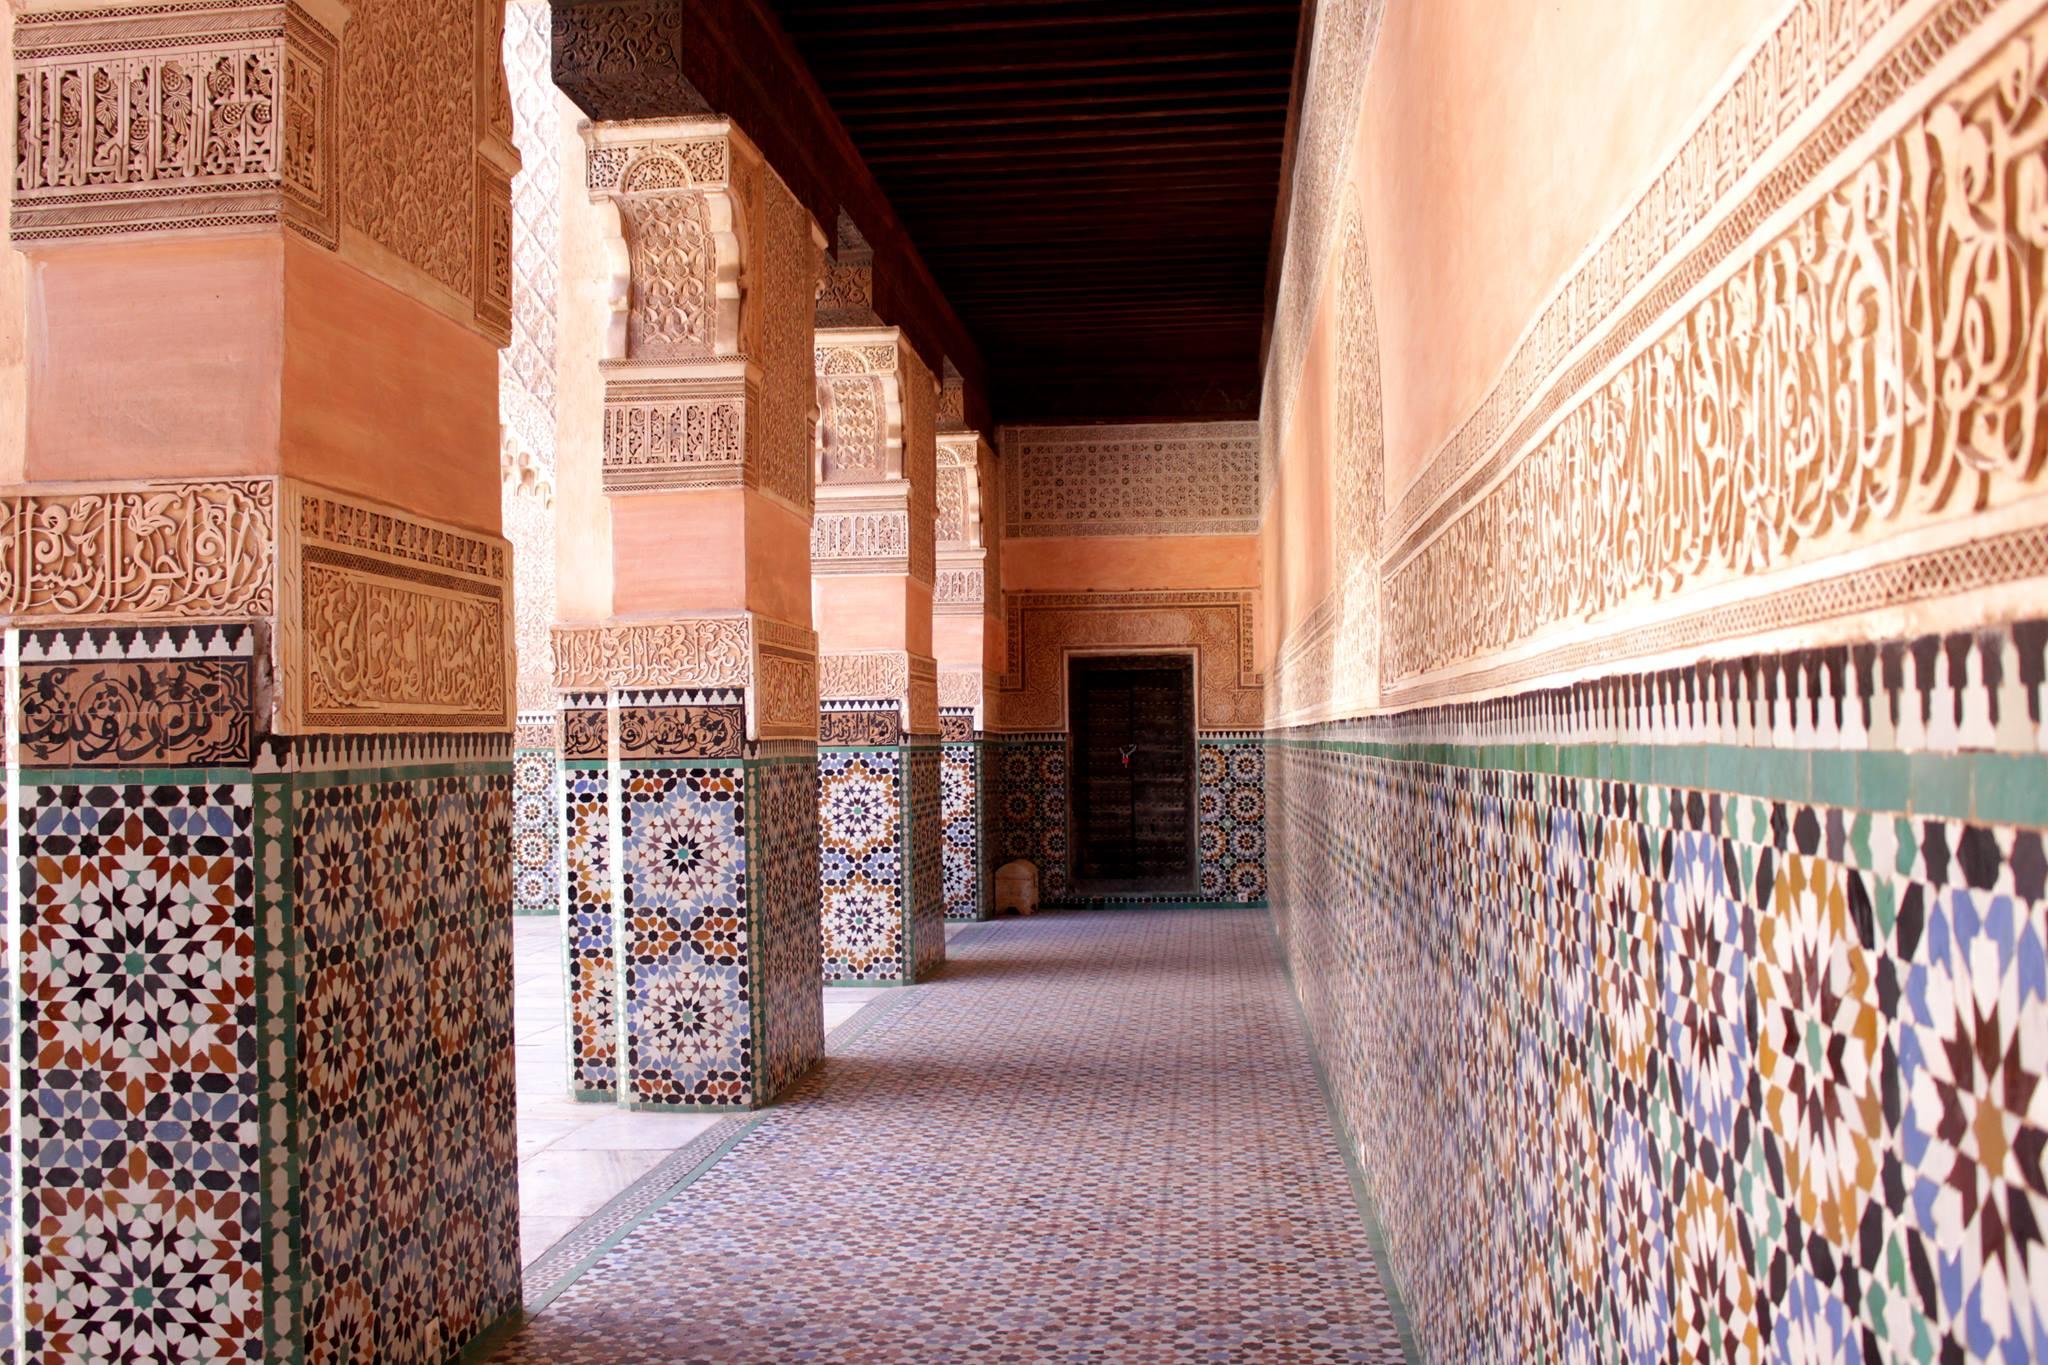 cosa vedere a Marrakech - madrasa